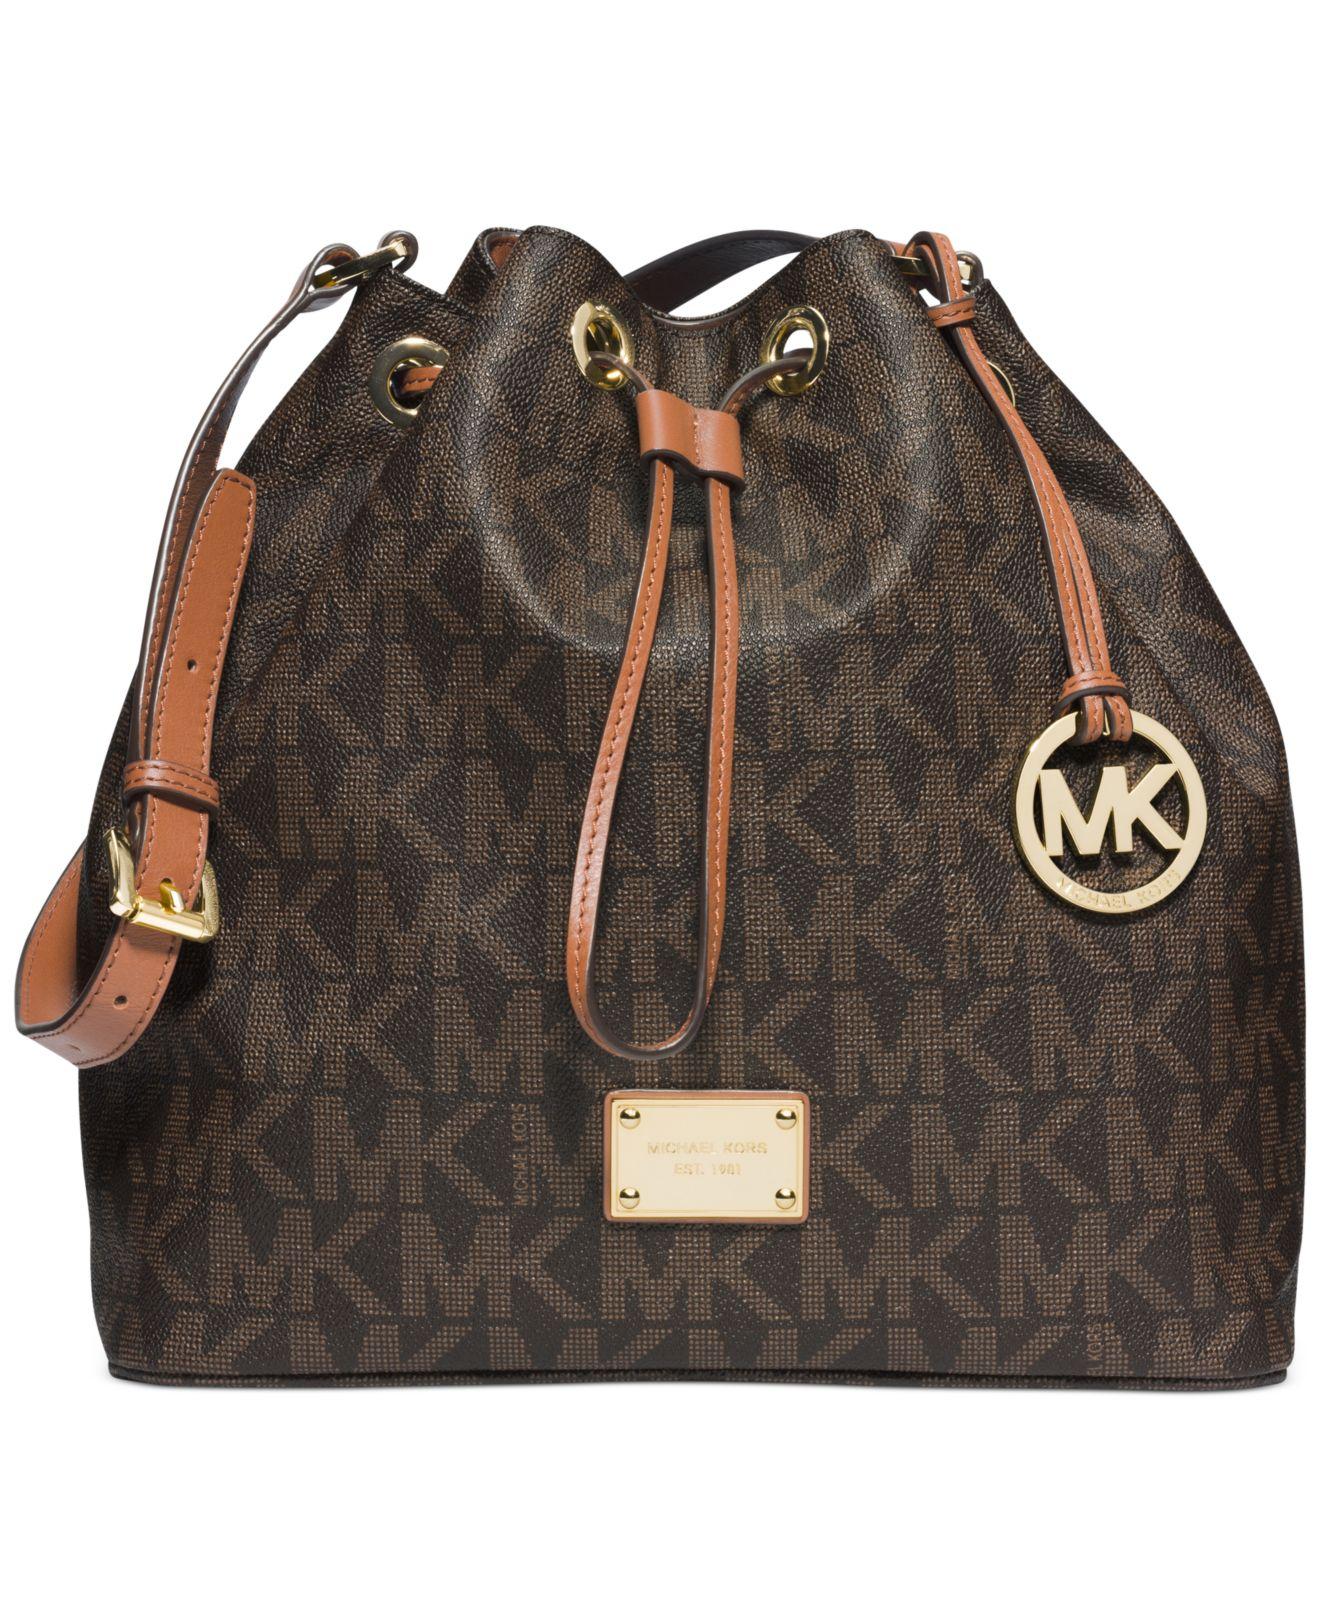 0b7842ad00d152 Michael Kors Michael Jules Large Drawstring Shoulder Bag in Brown - Lyst